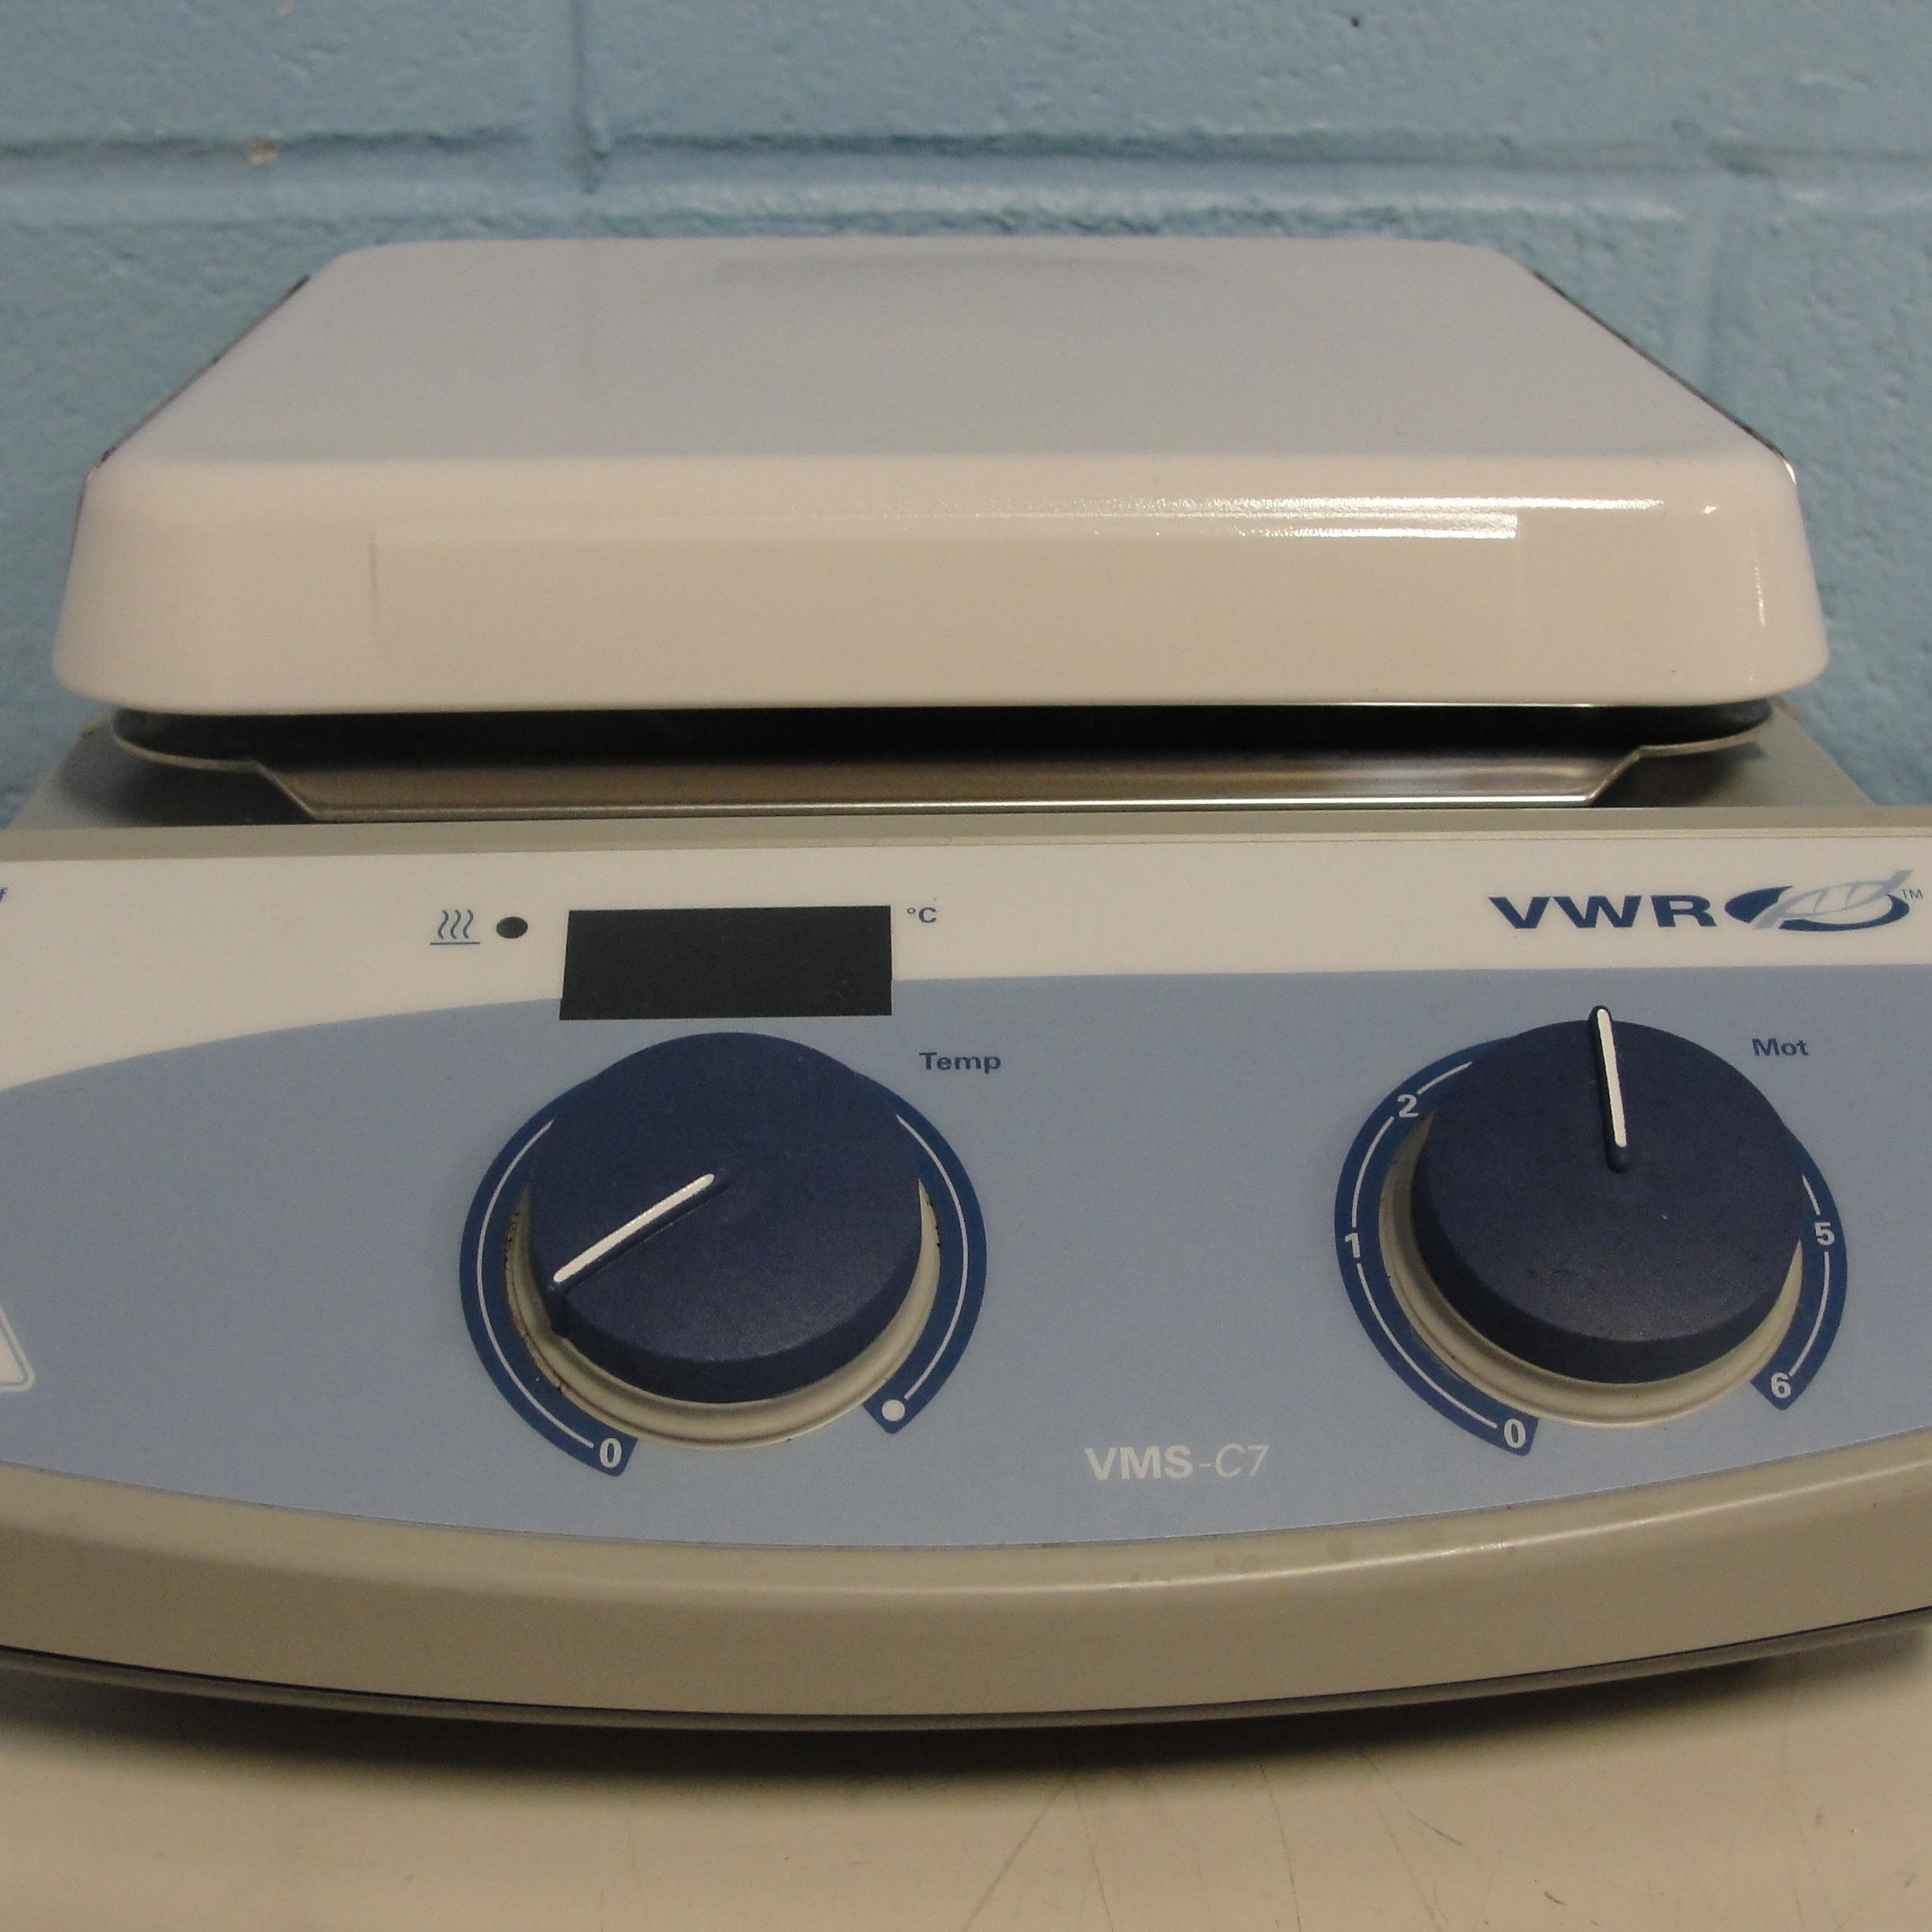 VWR VMS-C7 Advanced Digital Hot Plate Stirrer Image